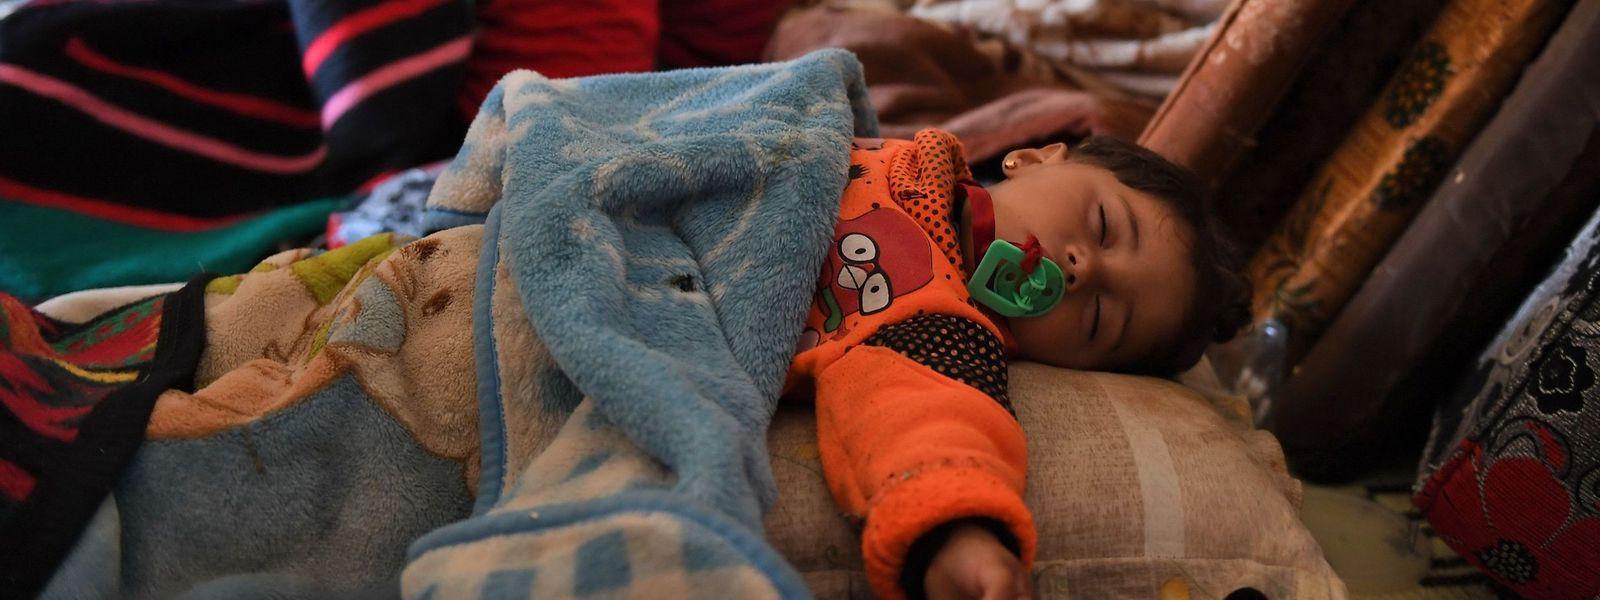 Helfer berichteten unterdessen von einer dramatischen humanitären Lage im Kurdengebiet Afrin im Nordwesten Syriens nach dem Einmarsch türkischer Truppen und ihrer Verbündeten. Besonders stark betroffen sind Kinder, Frauen und Ältere.